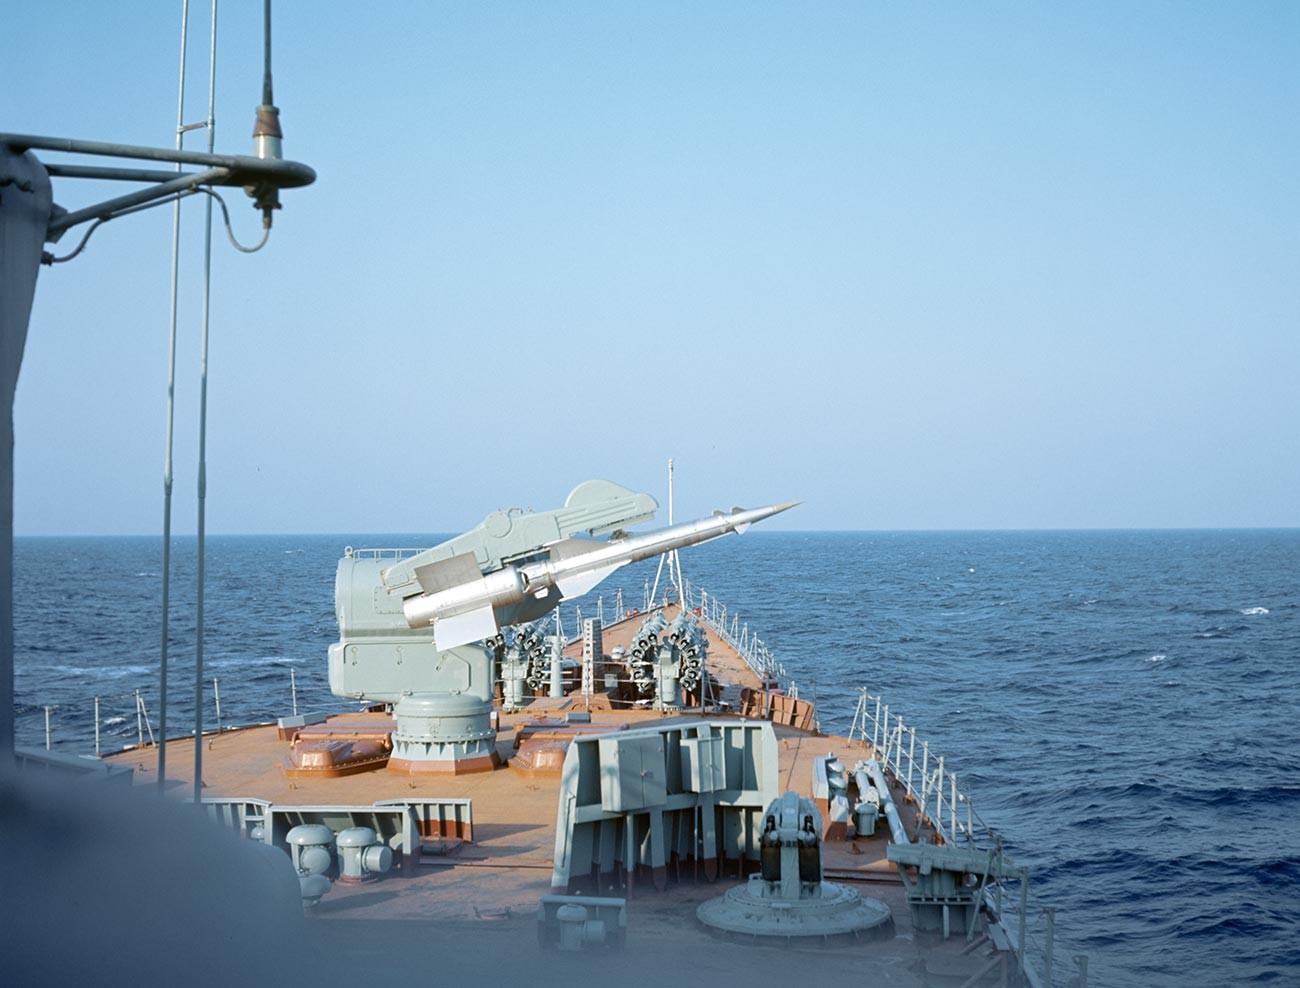 """Маневри """"Океан"""", највећа војна вежба у историји Ратне морнарице СССР-а. Противваздухопловне ракете противподморничког брода на старту. 14. април – 8. мај 1970."""